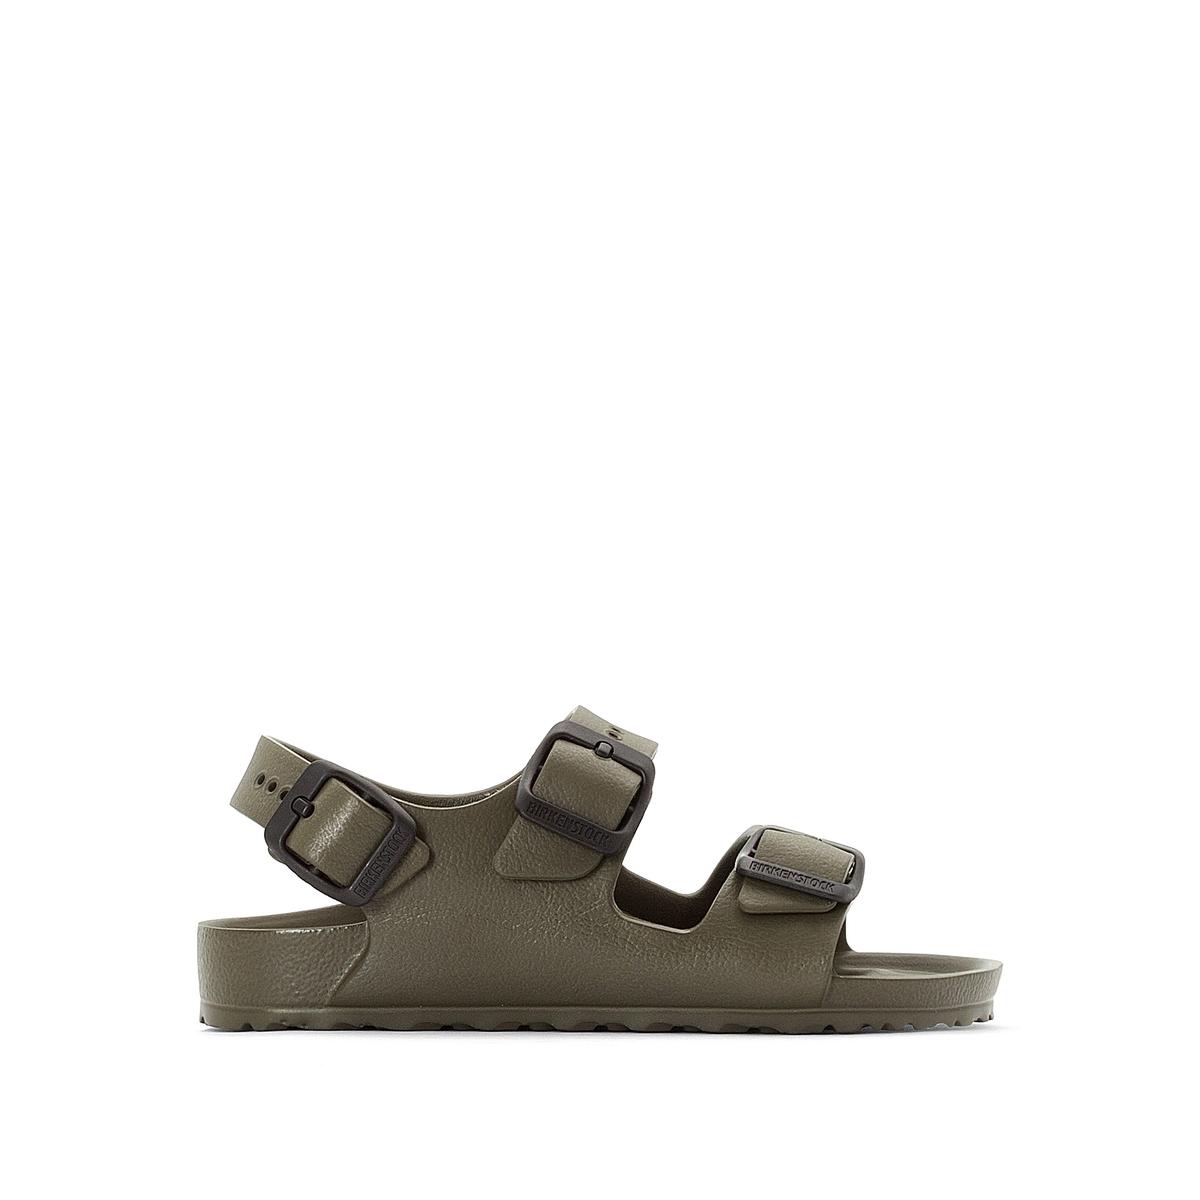 Босоножки на плоском каблуке Milano, размеры 24-34 босоножки кожаные на плоском каблуке l imprudente